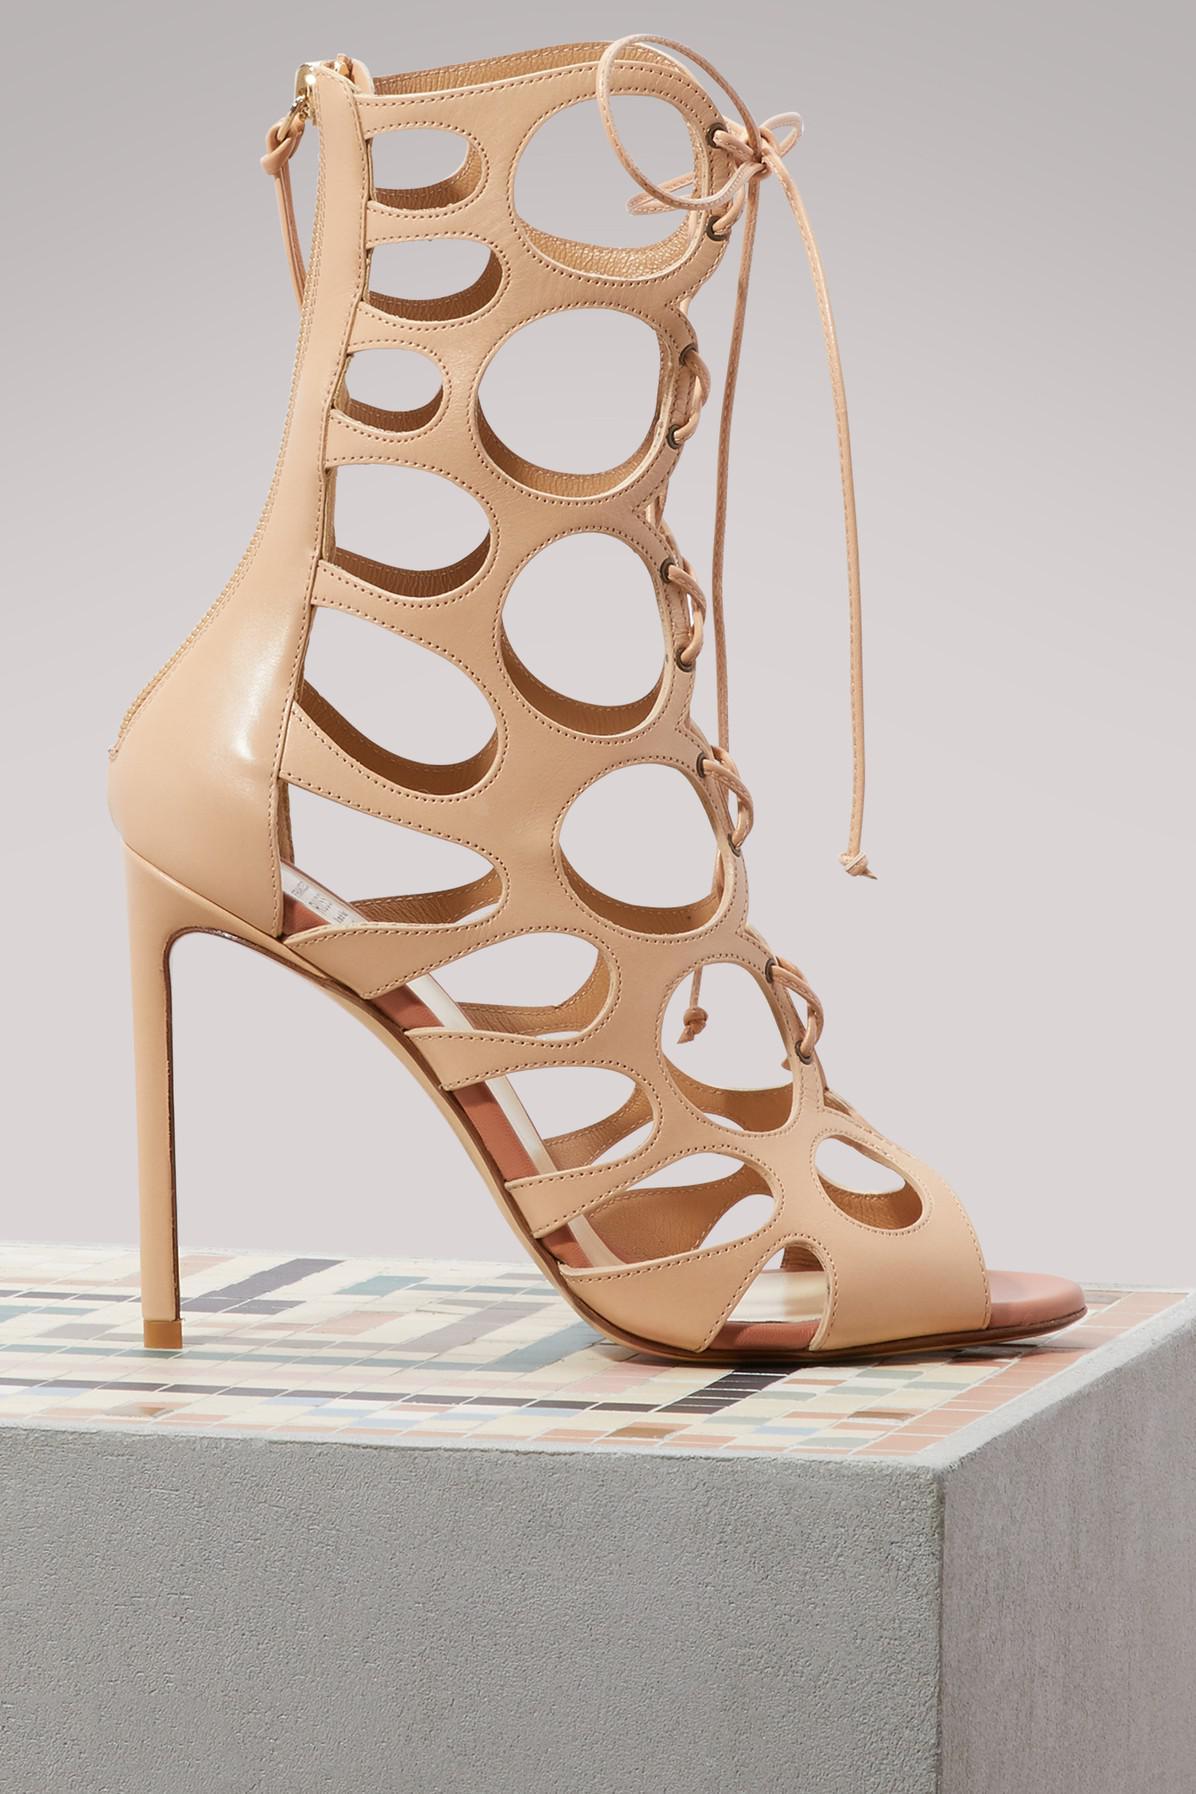 Francesco Russo Cut laced boots Outlet Manchester Deals Sale Online oyZx7